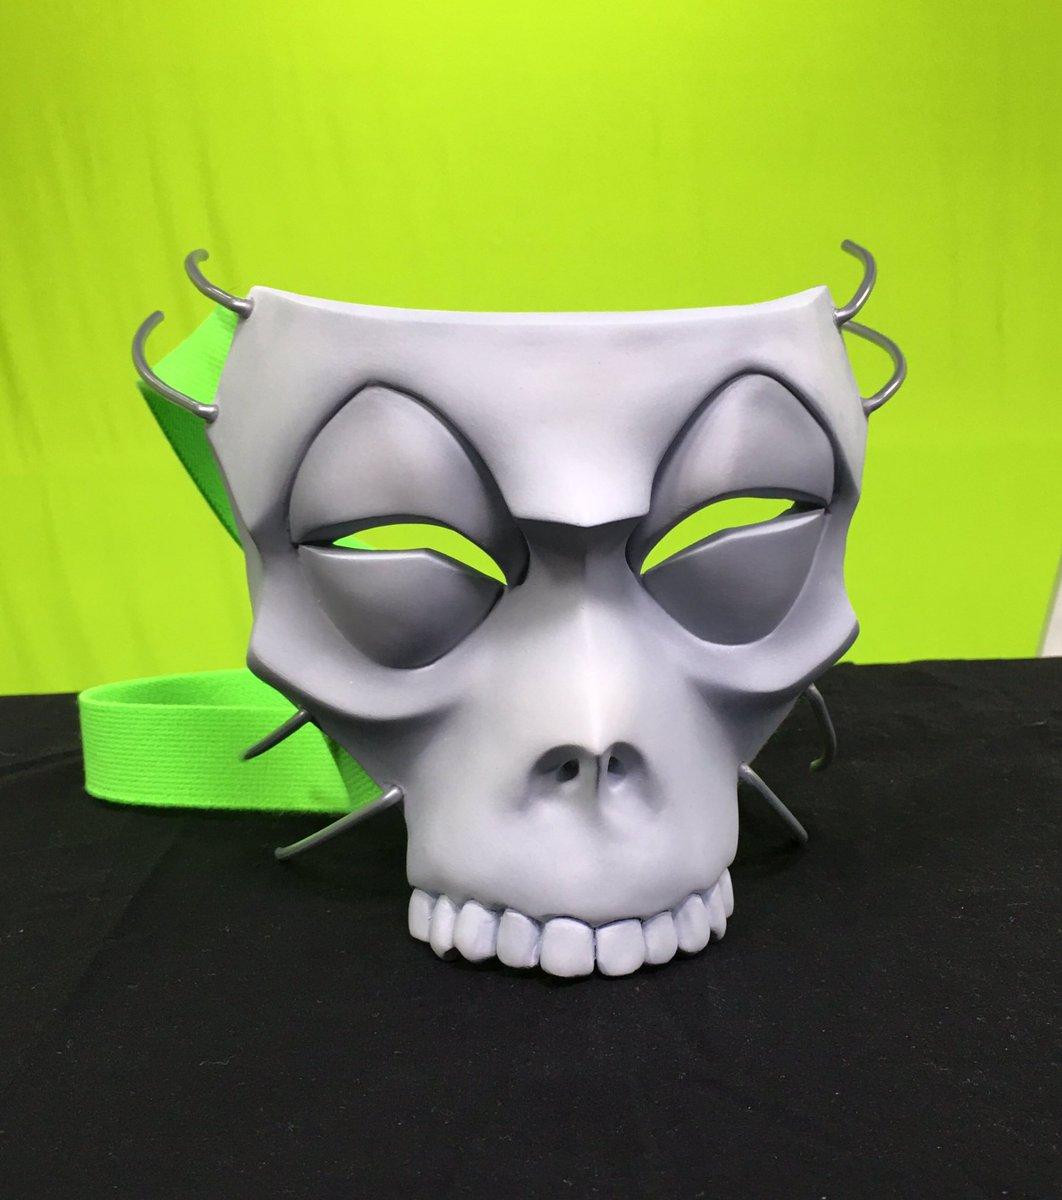 はいっというわけで、マフィア梶田第五宝具『ハサン』の仮面です。 作った僕が言うのもですが、自分でも欲しい満足宝具。  あ、不正など無いのです。  #FateGO https://t.co/TemEh0ftu9 https://t.co/w1VPYX6Csn